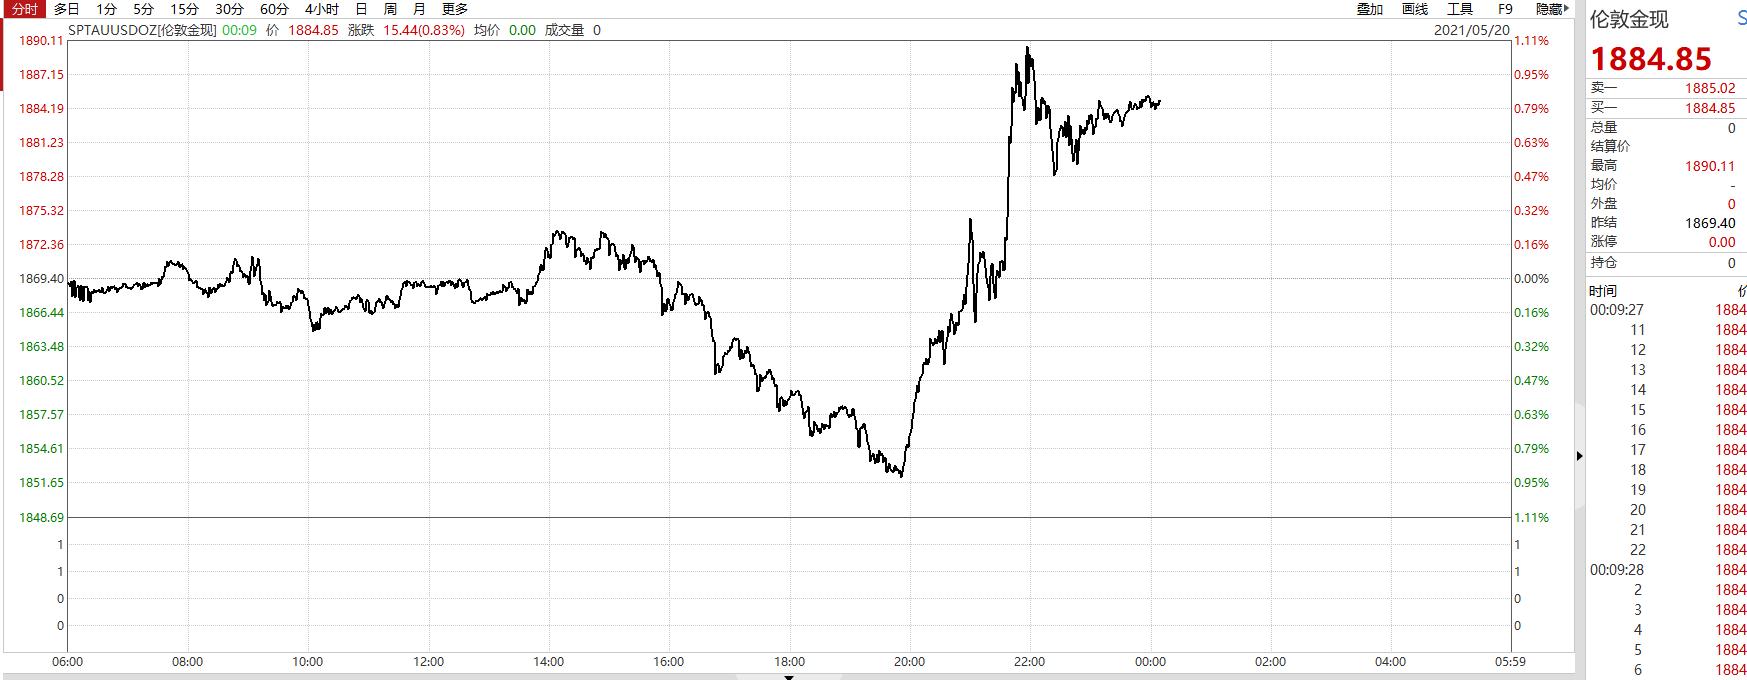 信无双2注册登录:     全球抛售潮!欧美股市集体大跌,大宗商品重挫,国内黑色系暴跌,唯有这个品种一枝独秀,发生了什么?                           每日经济新闻                        2021年05月20日 00:18